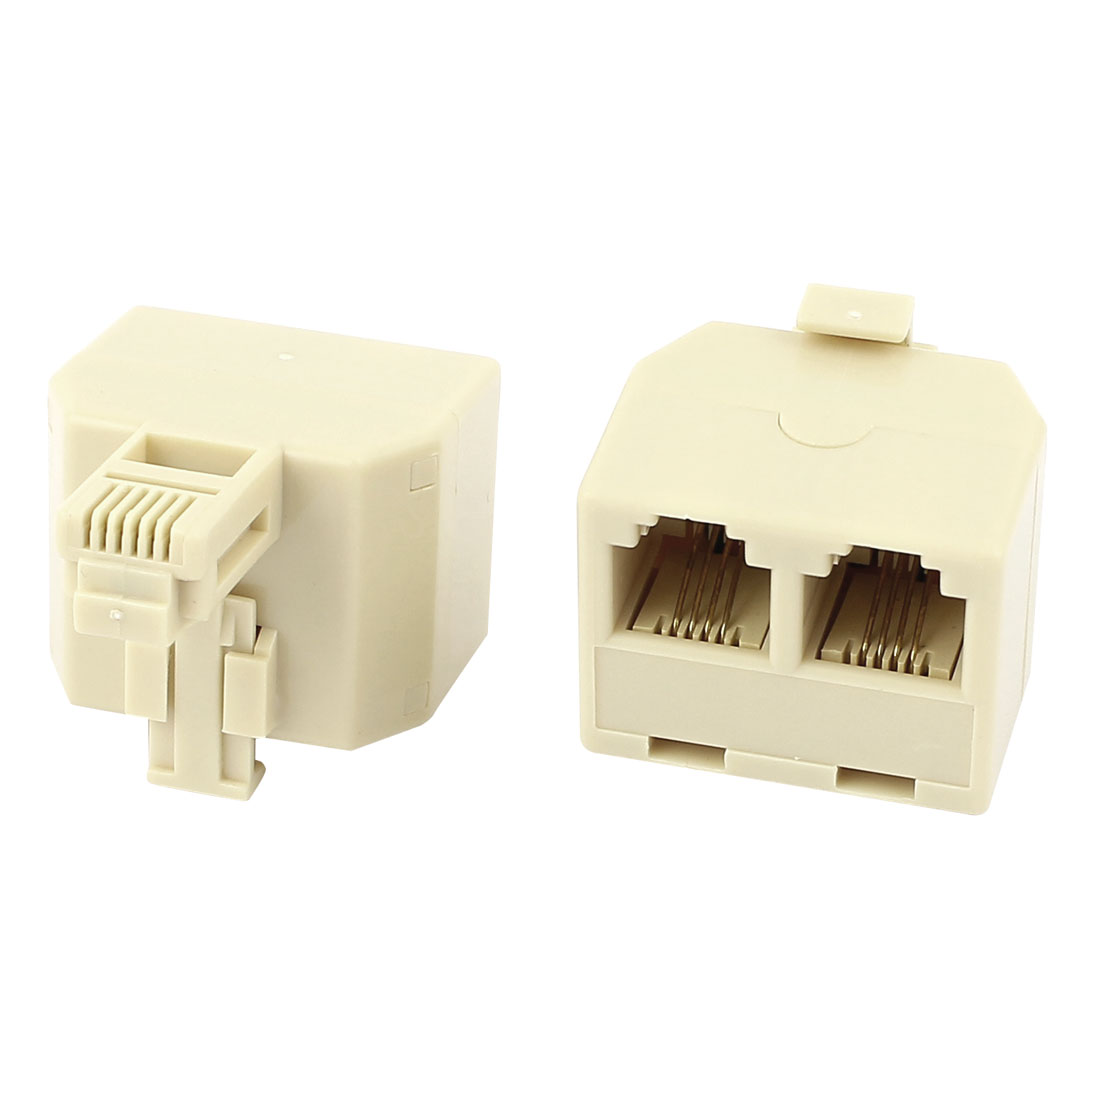 2Pcs Plastic RJ11 6P4C Double Holes Female/Female Telephone Cable Inline Connector Beige